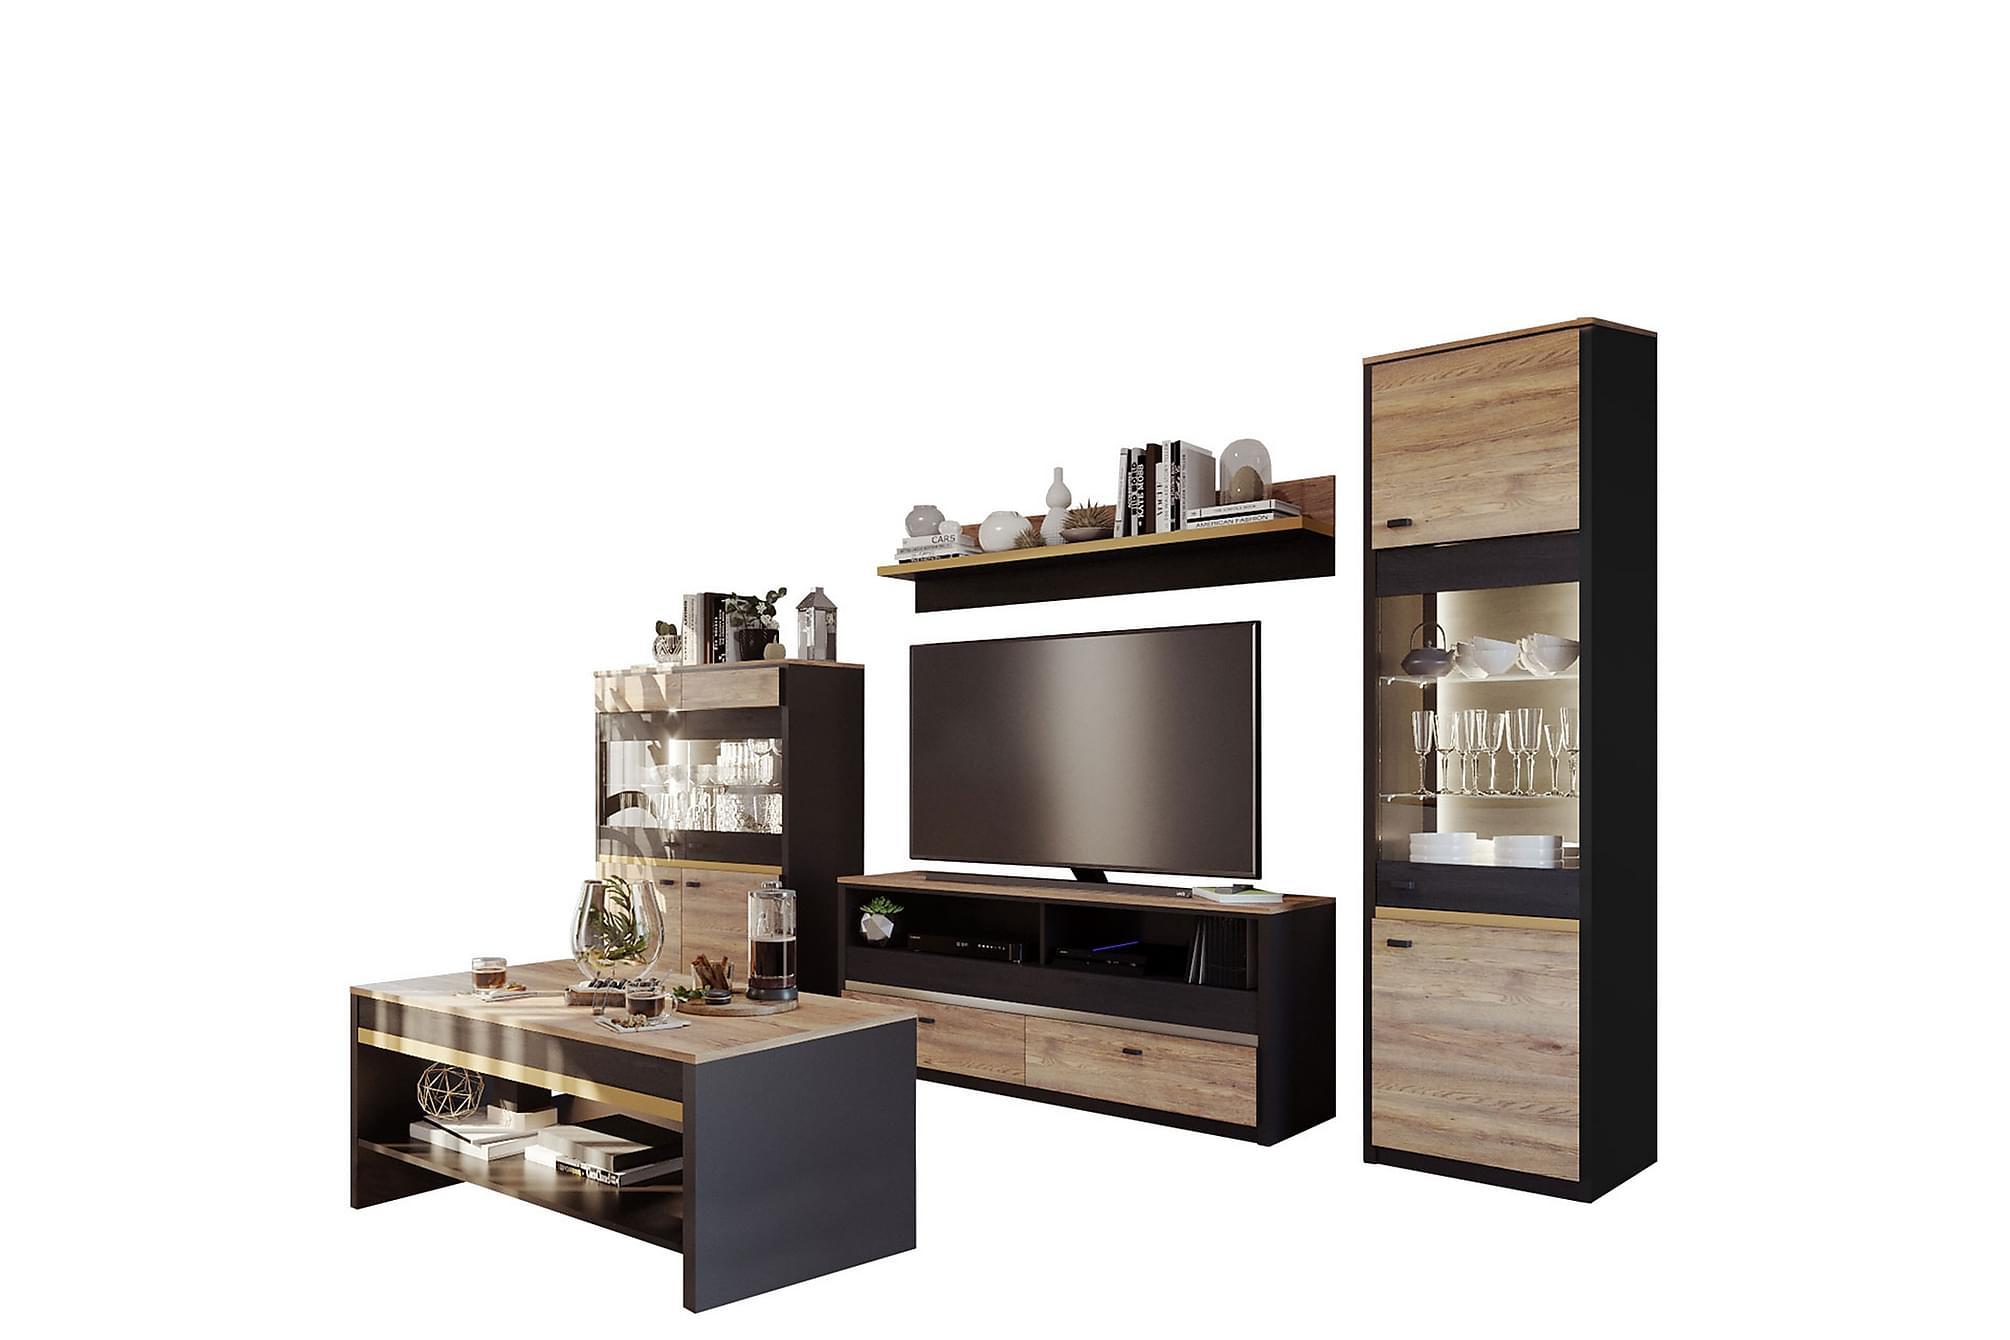 BELIZE Vardagsrumsset Svart/Ek, Möbelset för vardagsrum